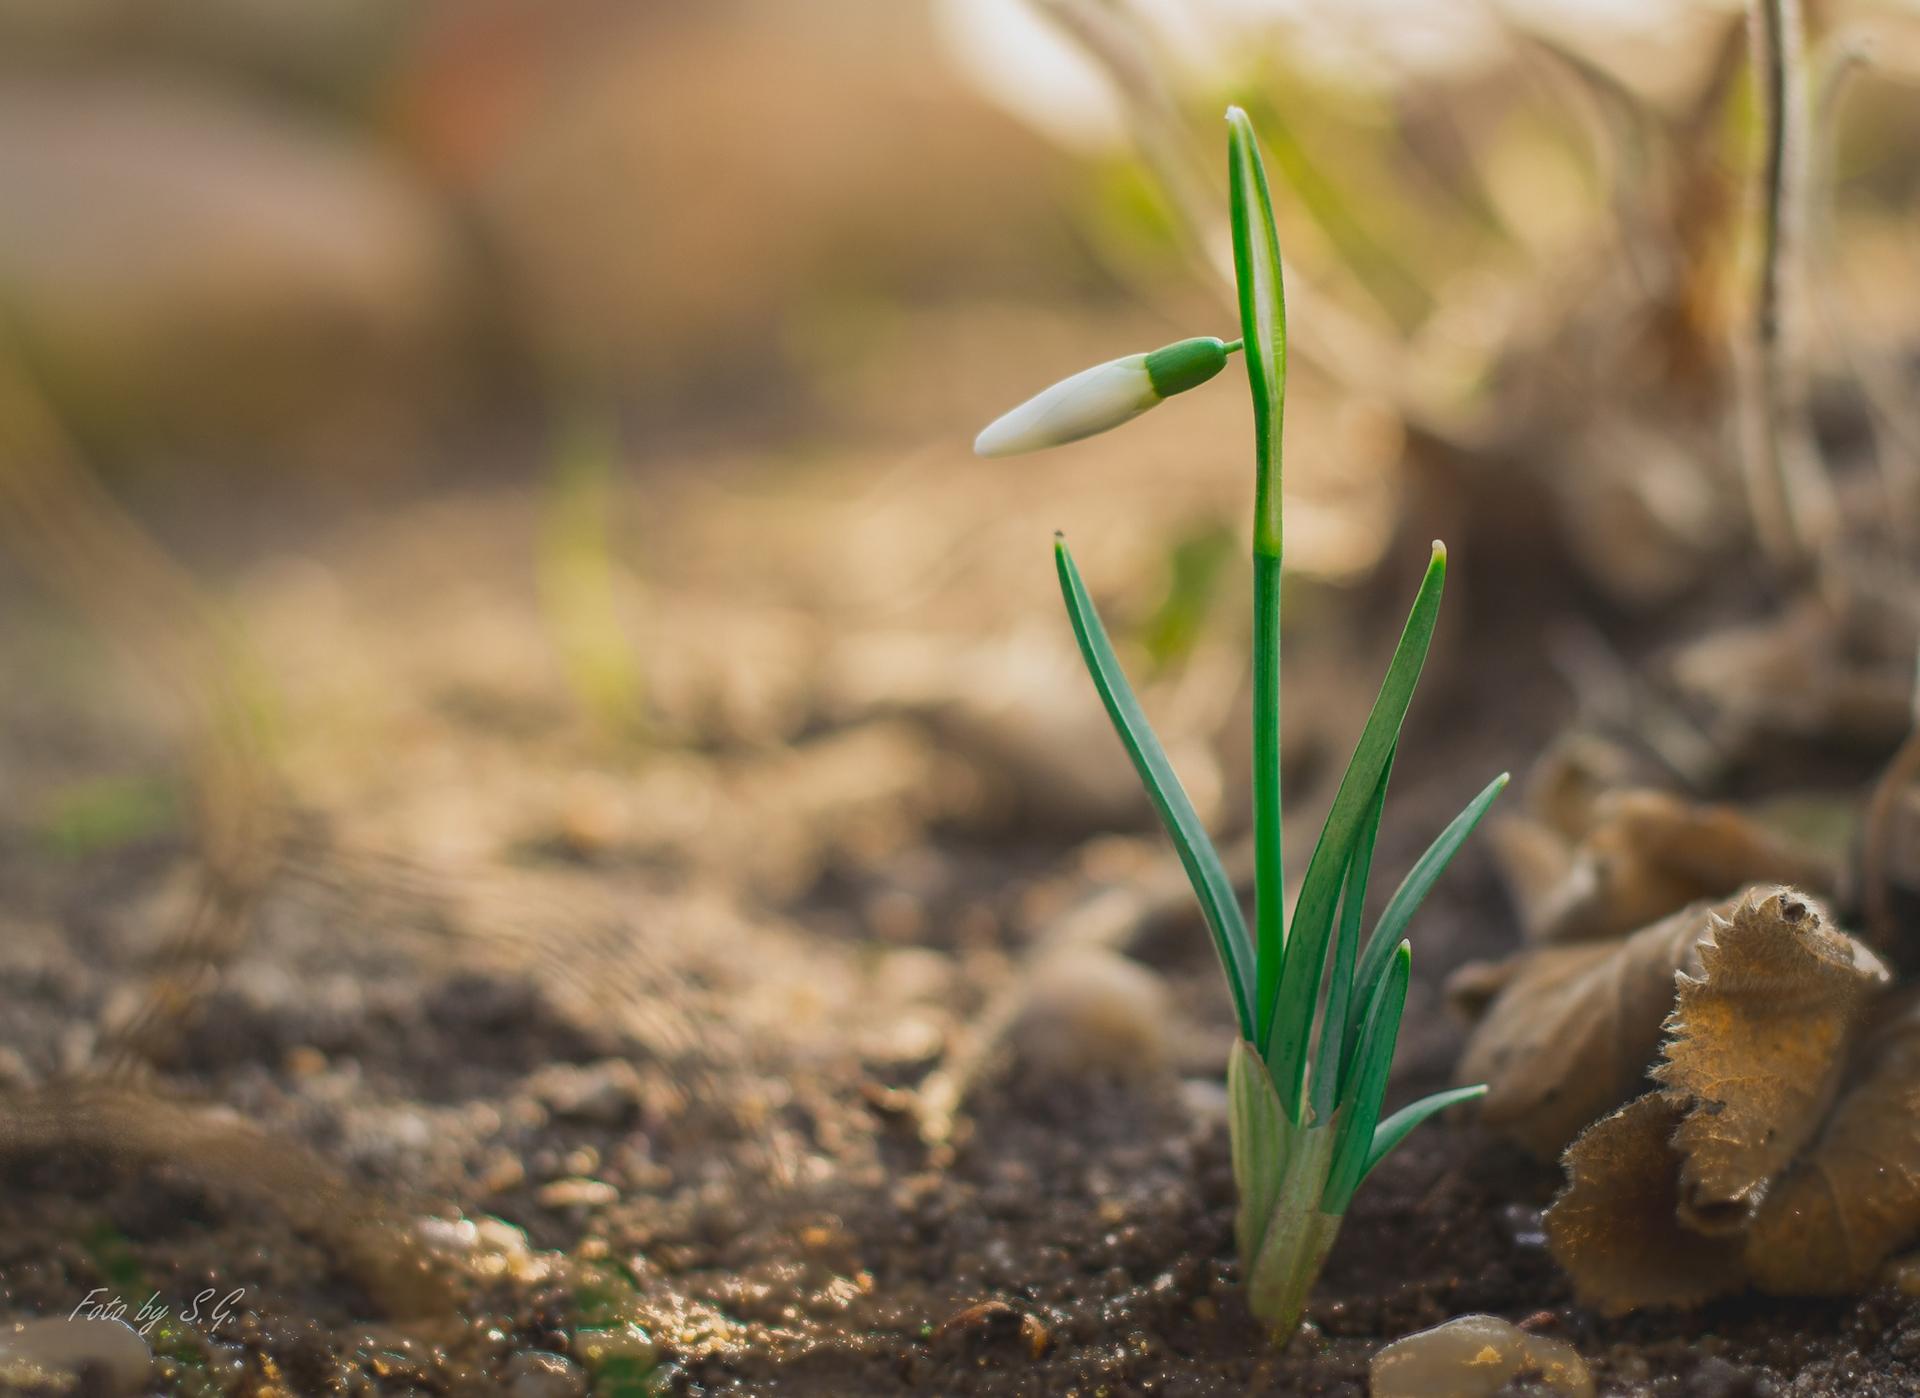 Фото весенние Цветы Галантус Бутон вблизи Весна цветок Подснежники Крупным планом